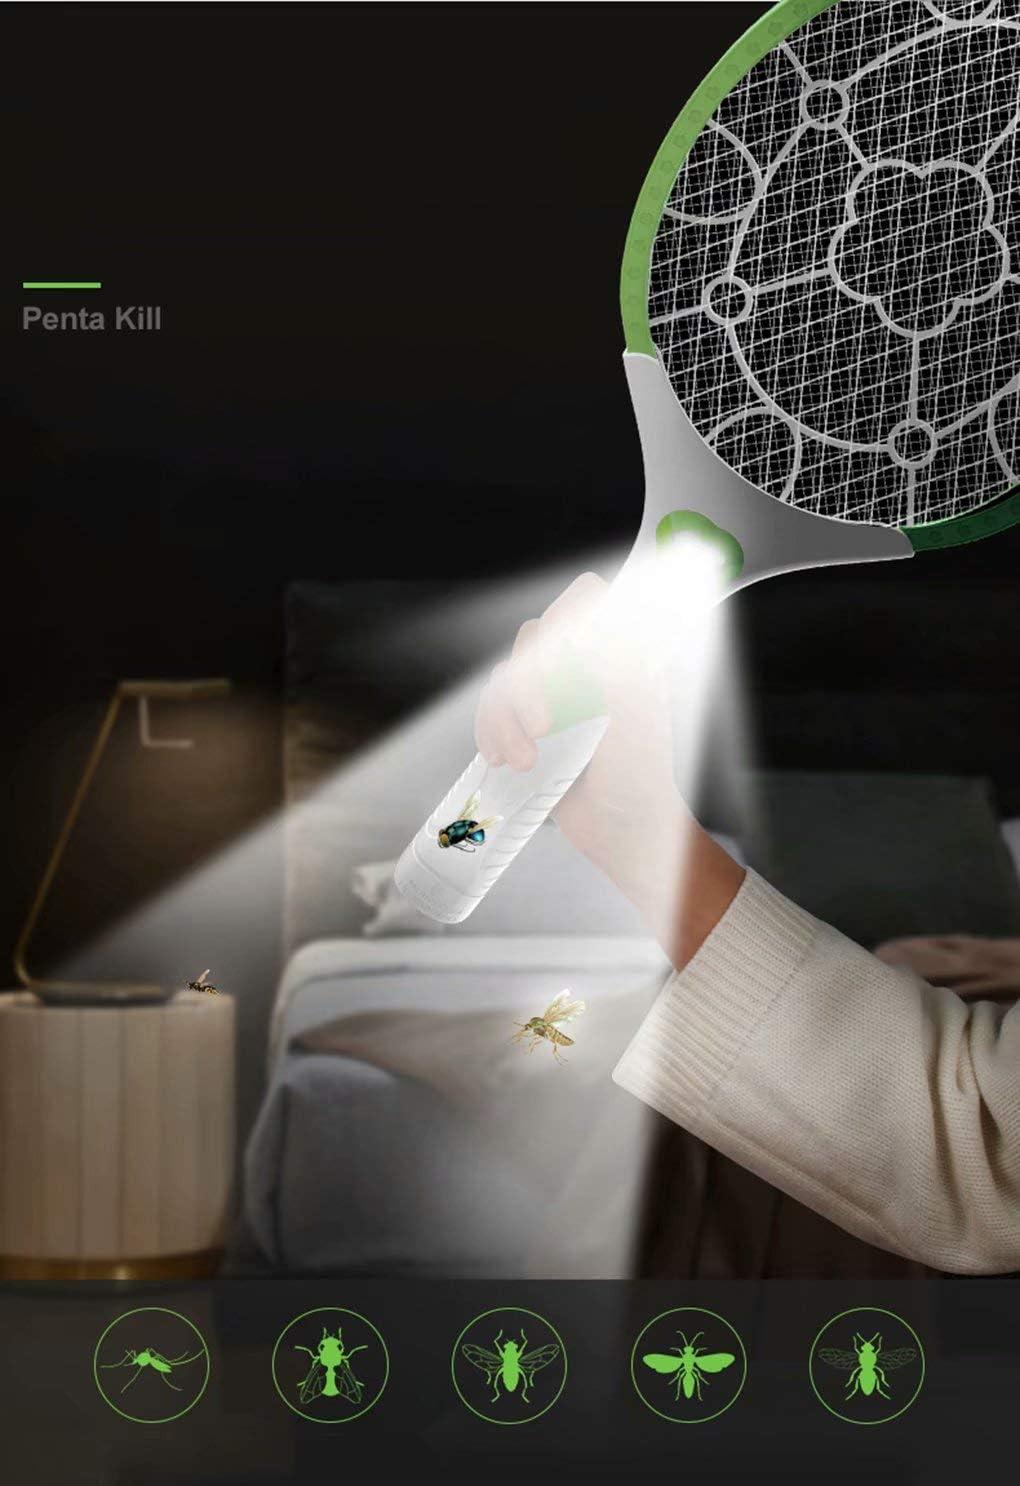 HSTFⓇ Moustique Rechargeable ZAP IT 880mAh tapette /à Mouche//Tueur et Raquette Bug Zapper - Bug Zapper Les lumi/ères tr/ès Brillantes disparaissent dans Le Noir